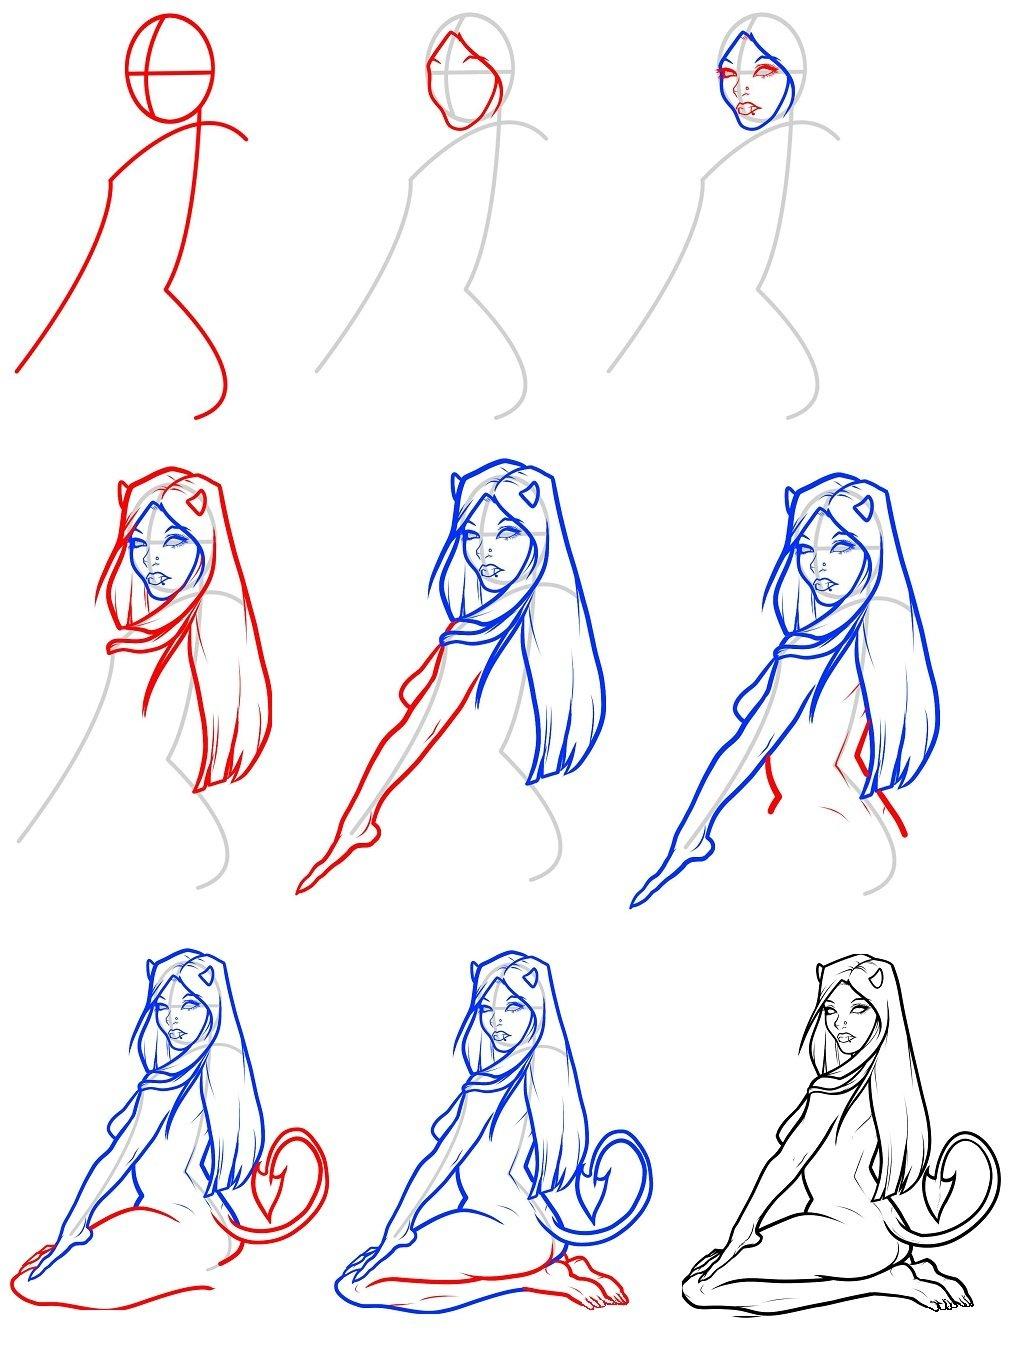 Как рисовать картинки поэтапно для девочек, новым 2015